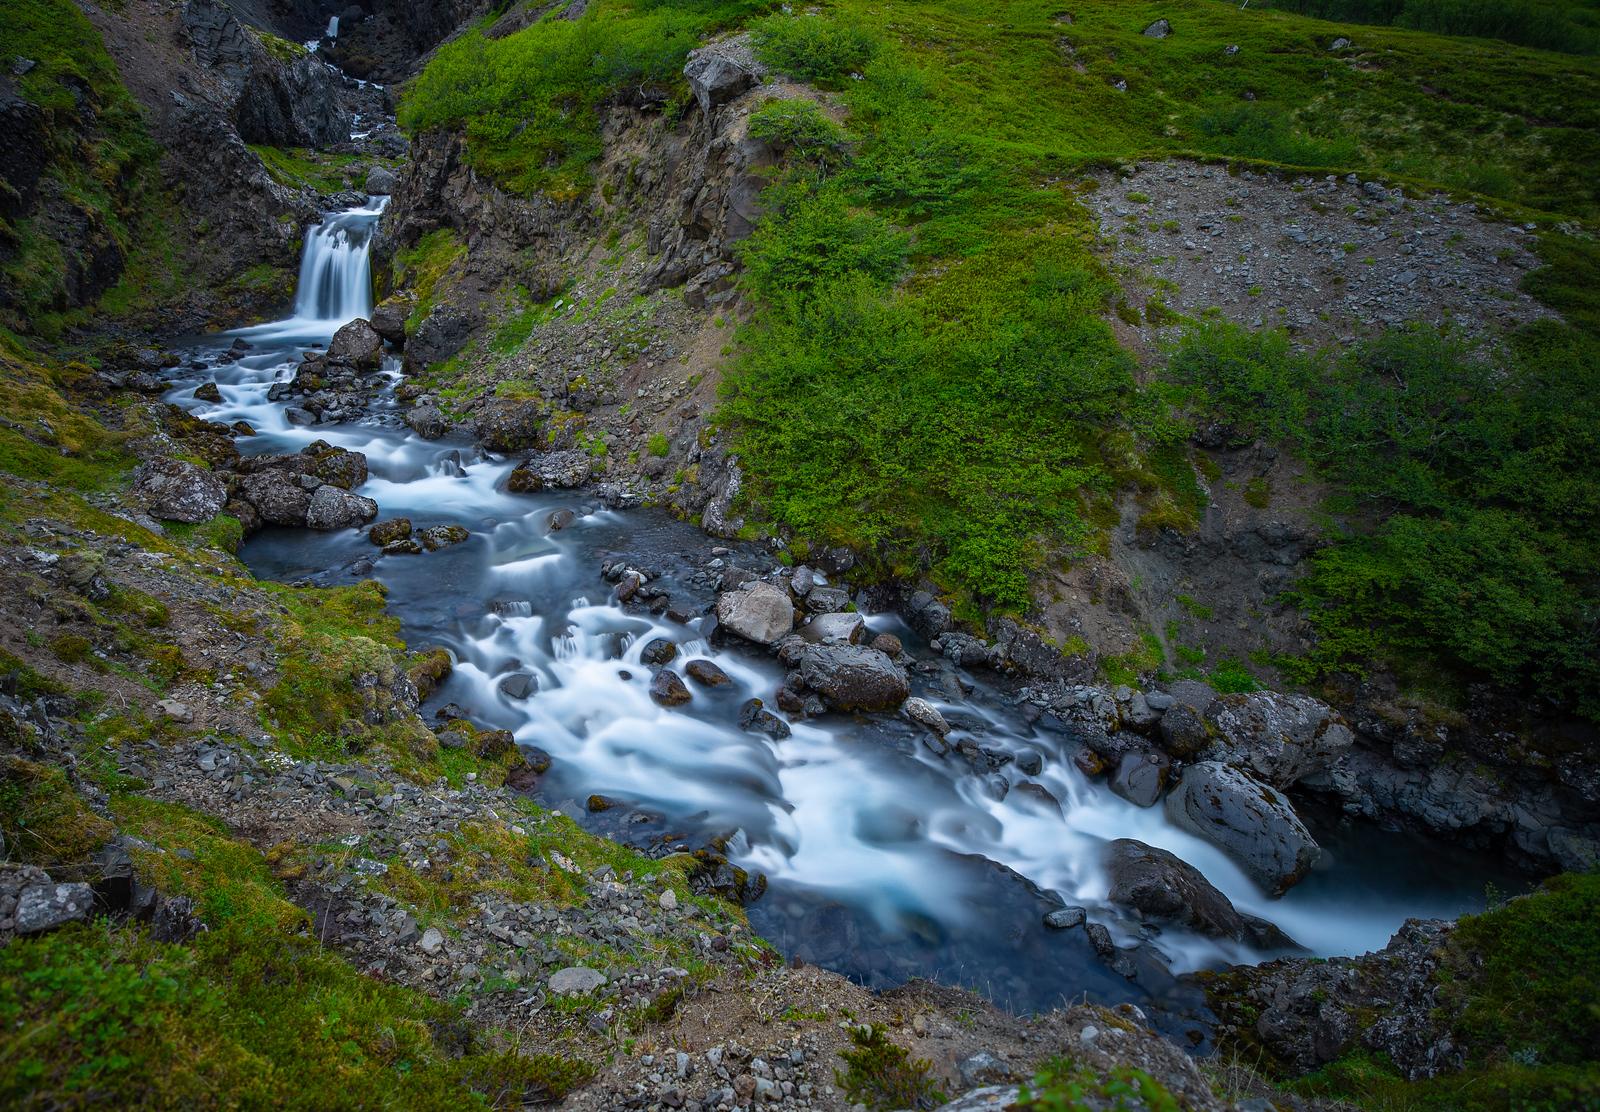 IMAGE: https://photos.smugmug.com/Landscapes/Iceland/i-xbpTstD/0/96e0479c/X3/CC6Q9867-HDR-X3.jpg